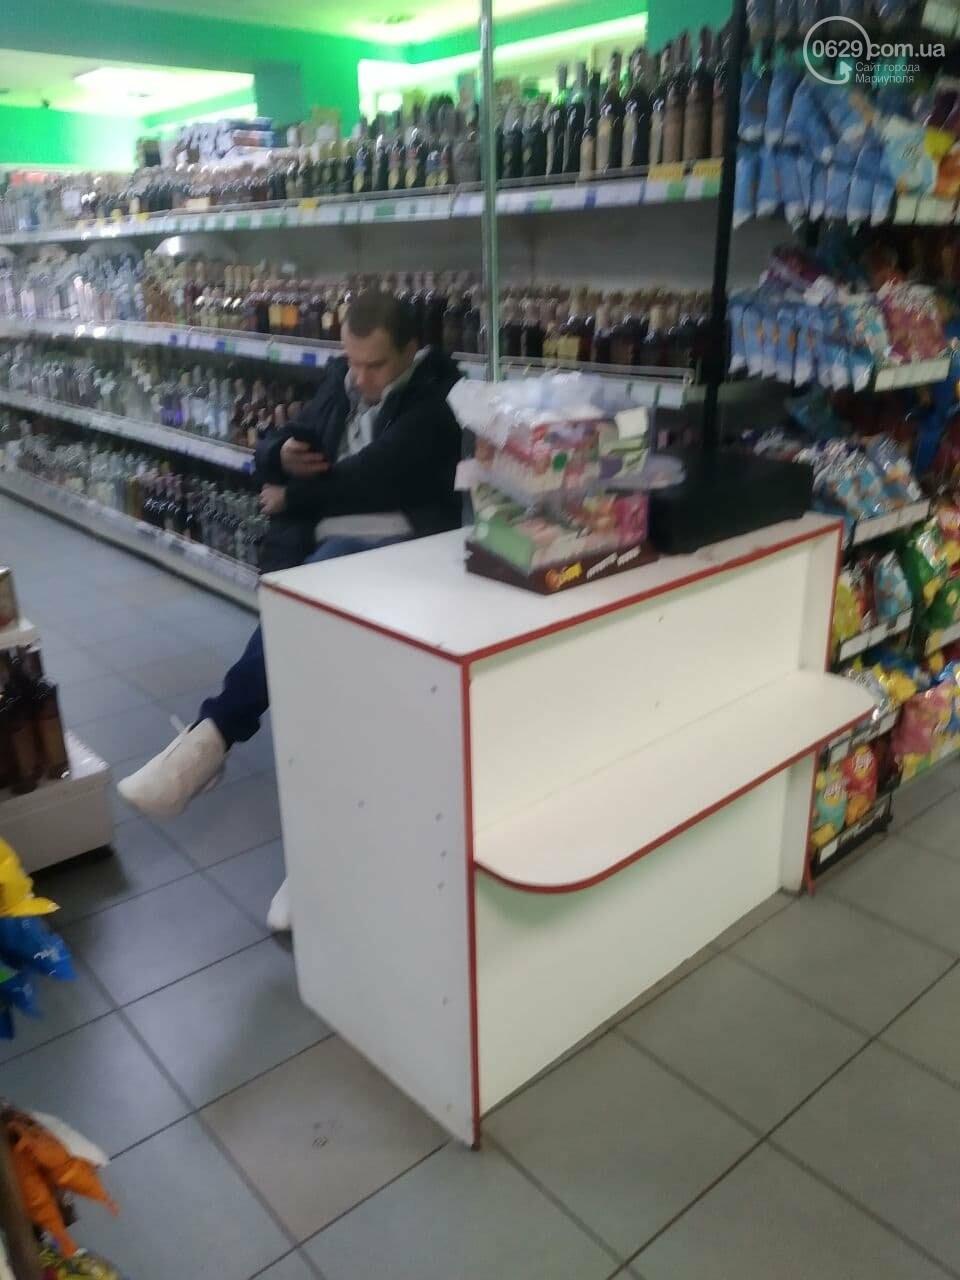 Скупиться и не заразиться. Рейтинг безопасности мариупольских супермаркетов, - ФОТО, фото-23